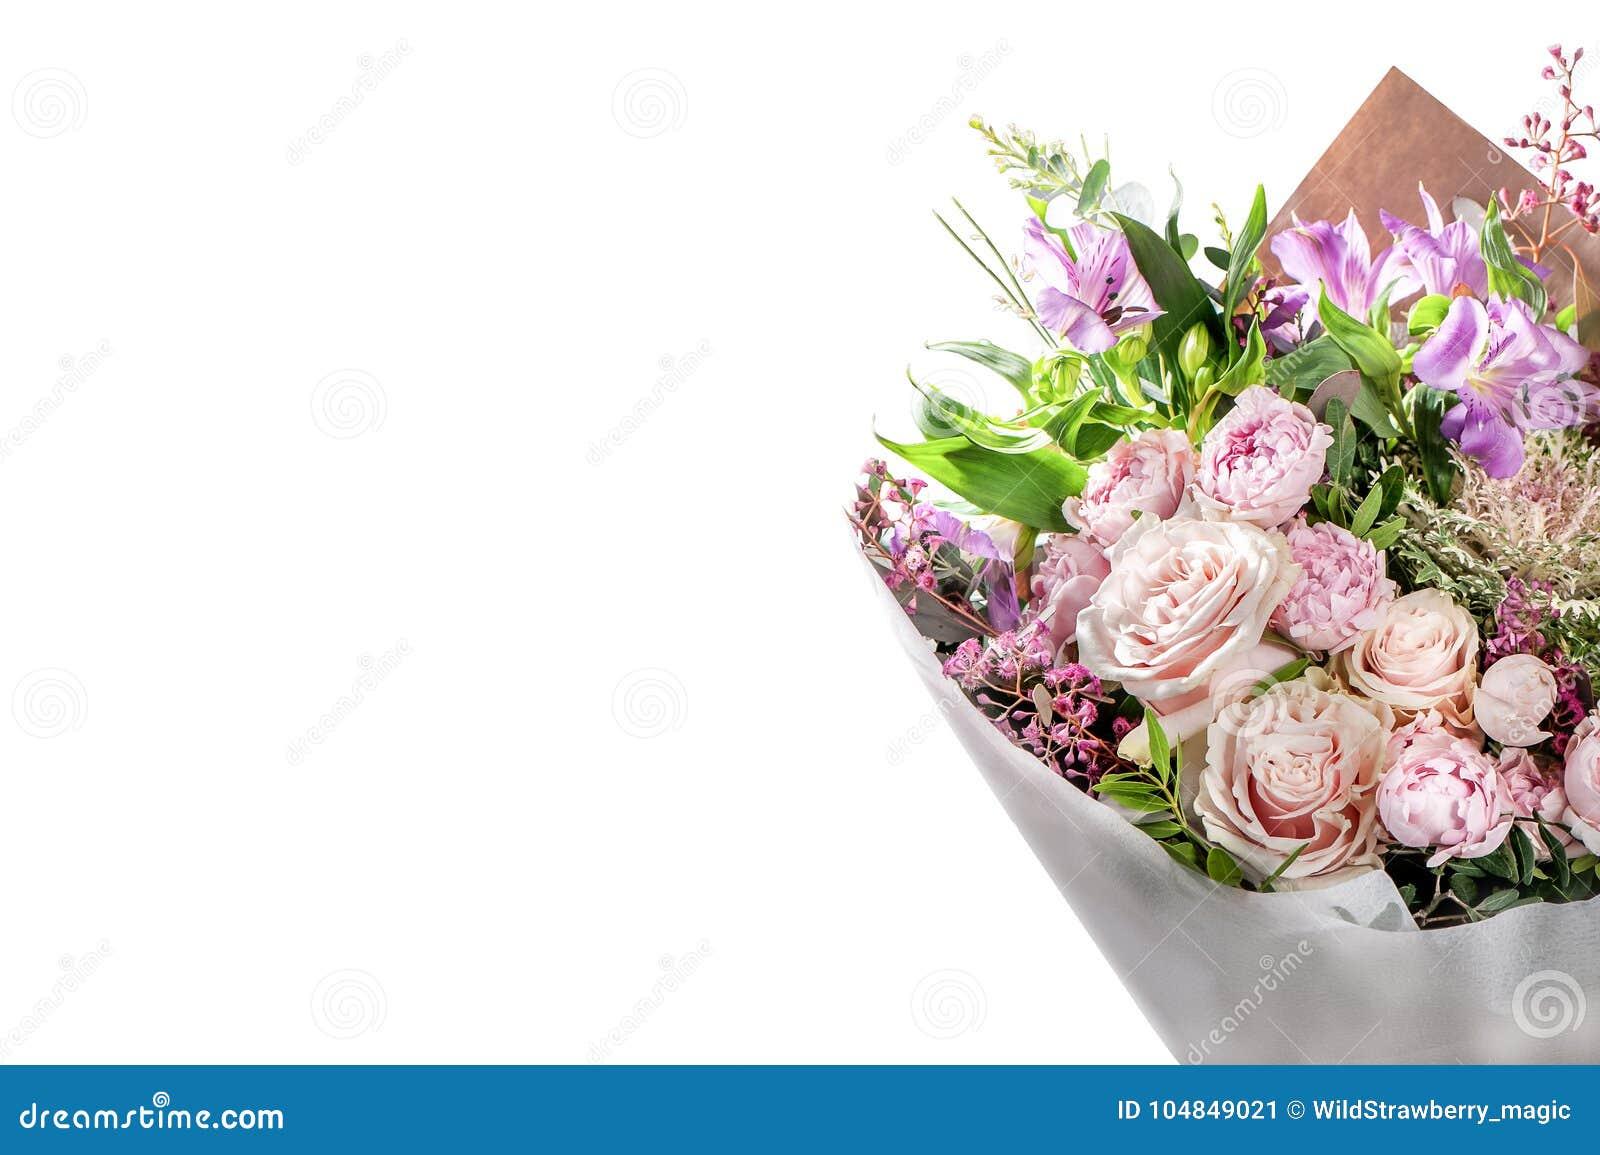 Mazzo Di Fiori Elegante.Mazzo Elegante Dei Fiori Su Bianco Rose Astromelia Pe Immagine